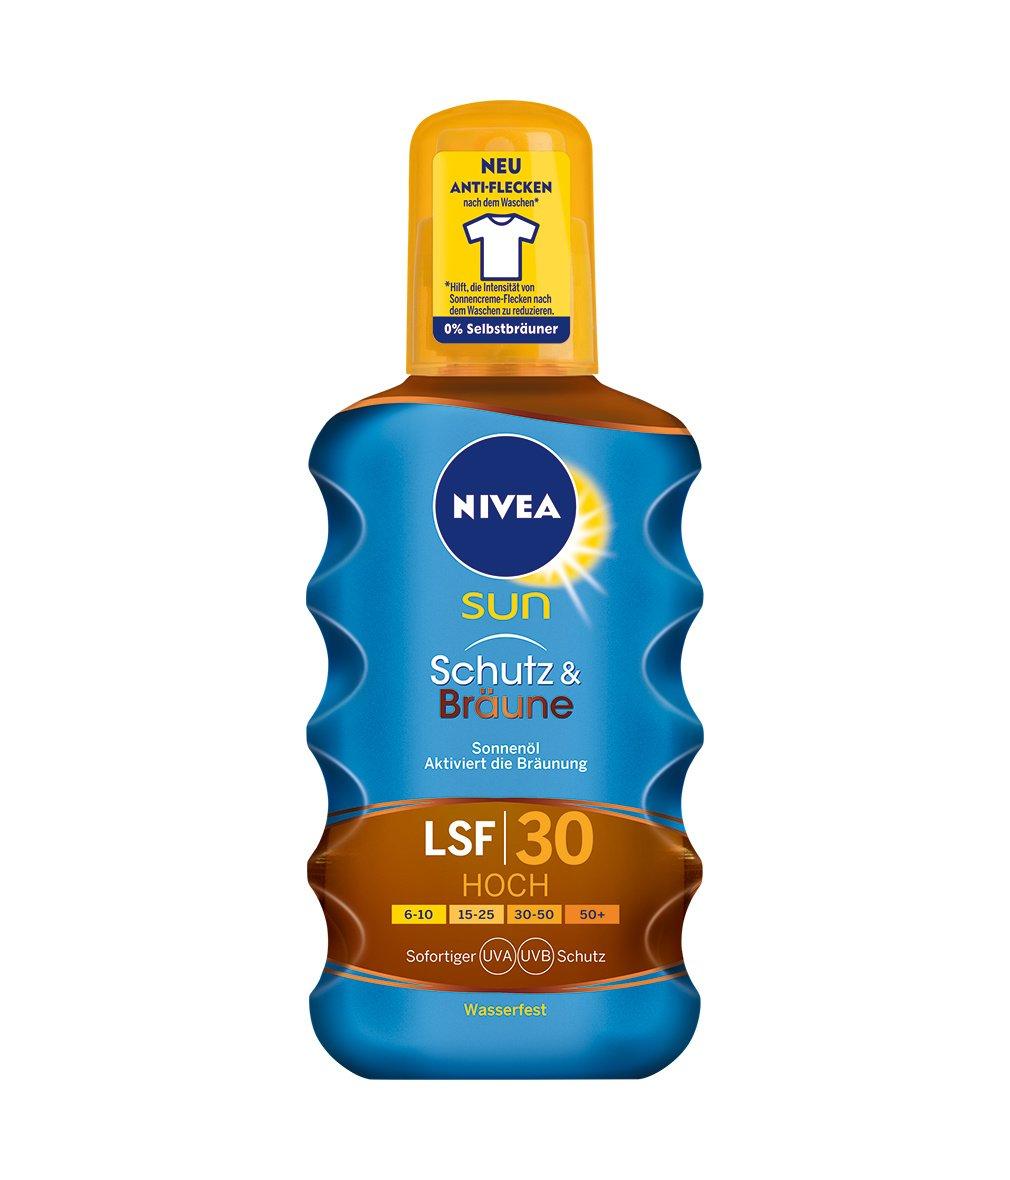 NIVEA SUN Sonnenöl-Spray, Lichtschutzfaktor 30, Sprühflasche, Schutz und Bräune, 200 ml NIVEA SUN Sonnenöl-Spray Sprühflasche Schutz und Bräune 86038-01000-18